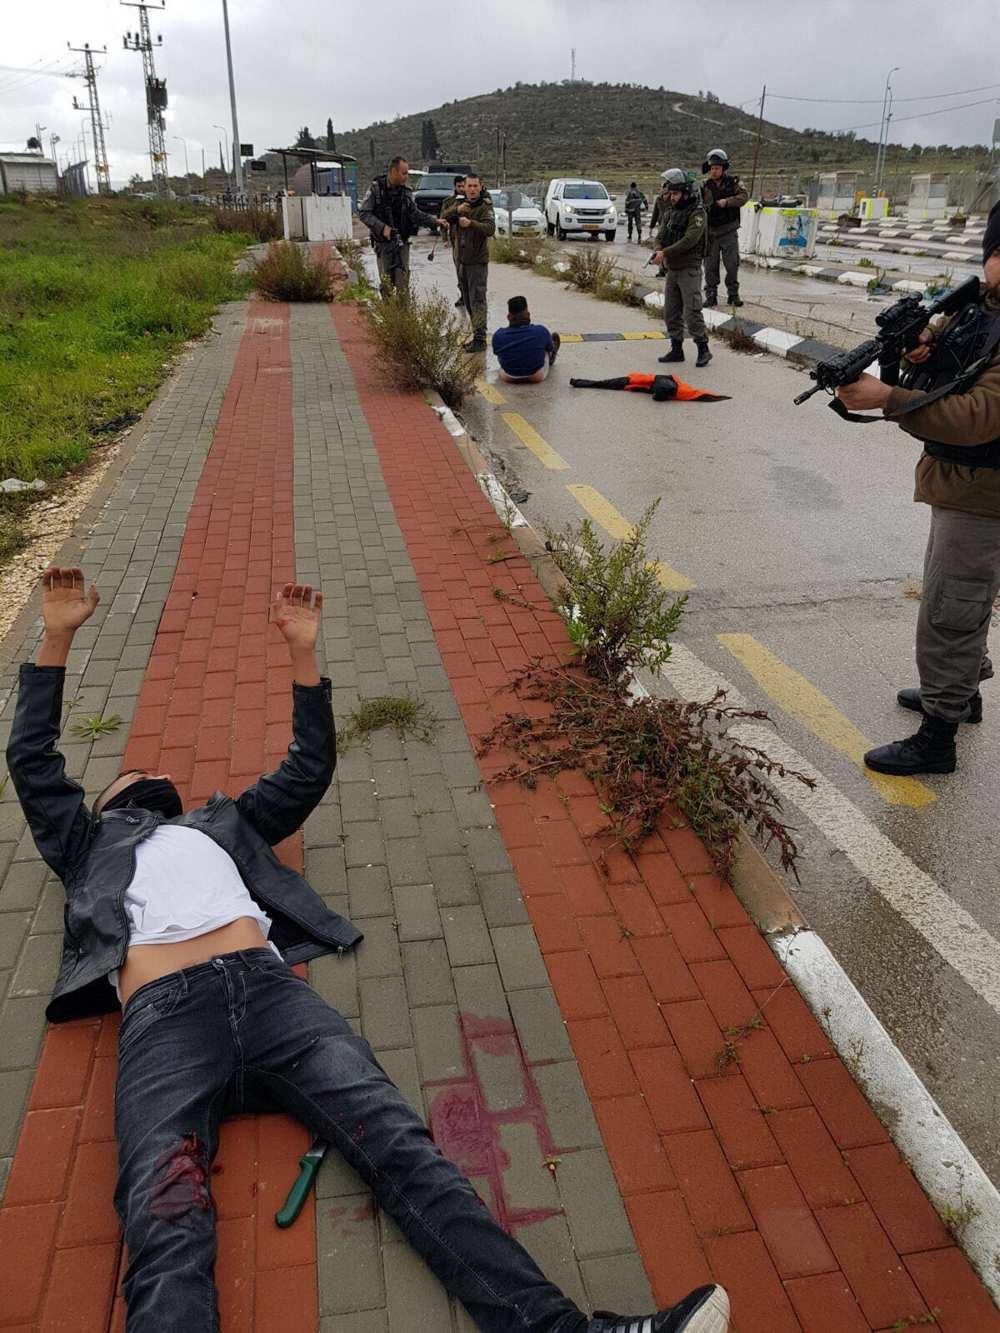 Dos terroristas musulmanes heridos, en el suelo, después de recibir un disparo durante un intento de apuñalamiento en la intersección de Tapuah en Samaria, el 23 de enero de 2018. (Consejo Regional de Samaria)